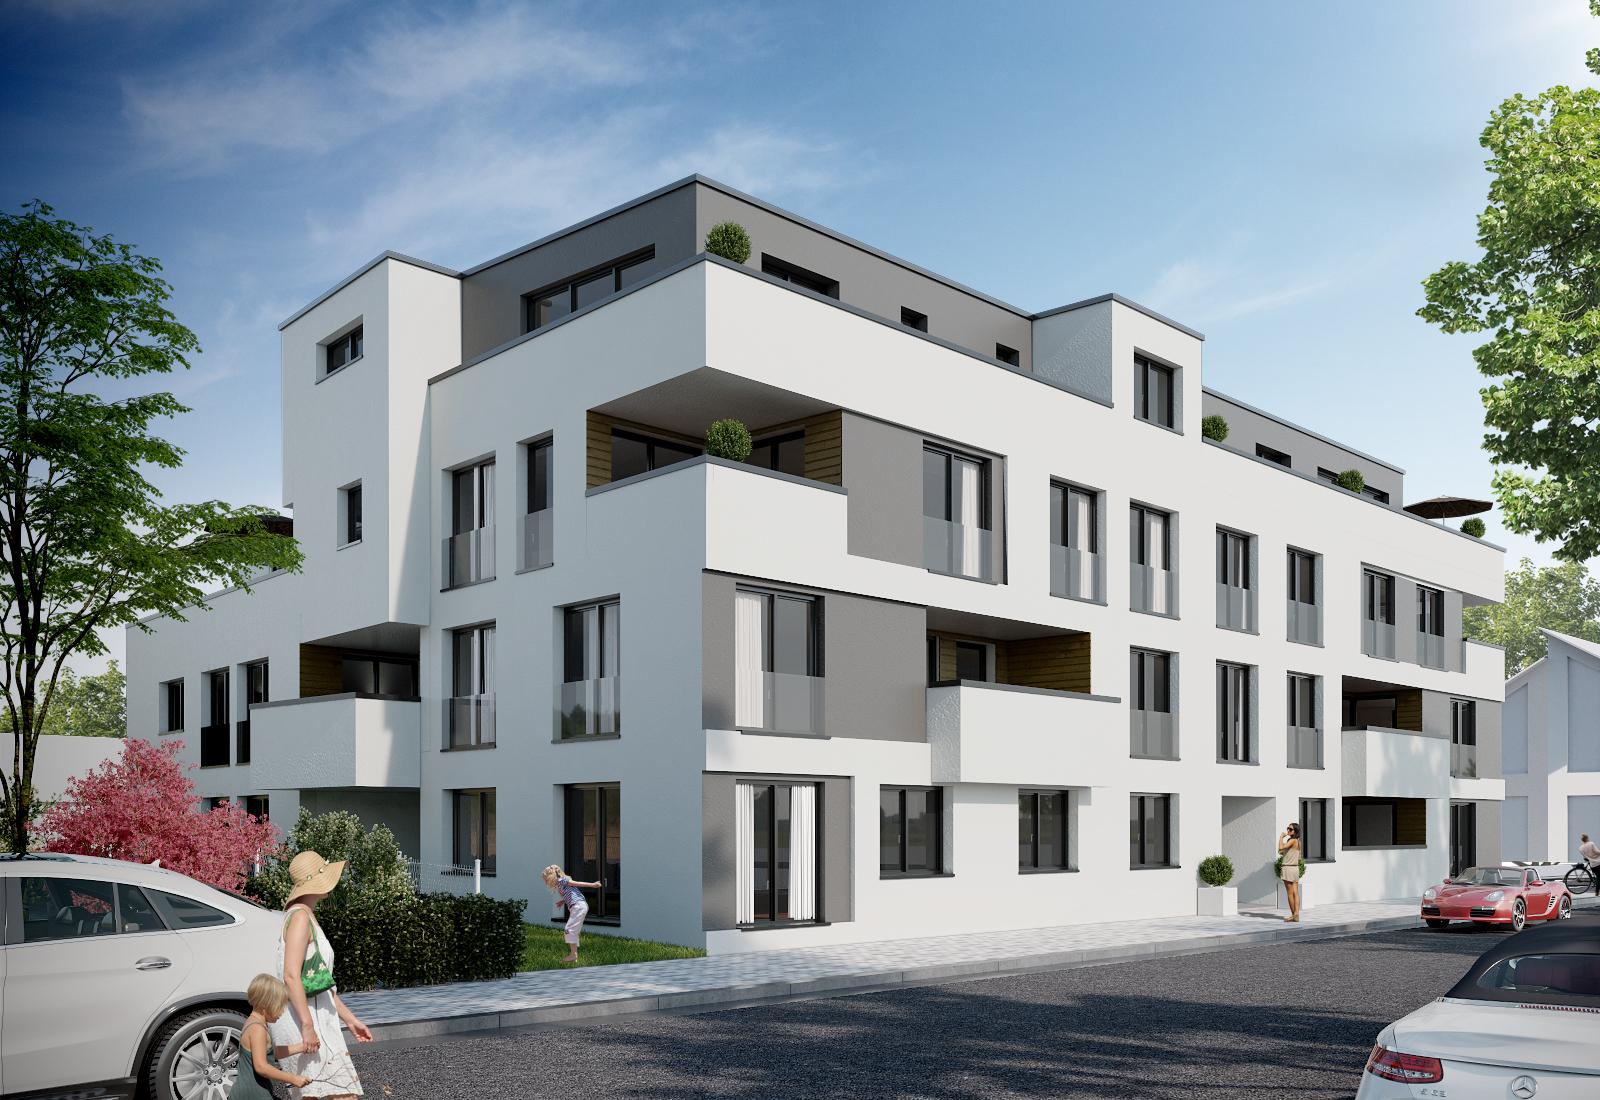 Architekturbüro Sindelfingen mrm a freier architekt dipl ing